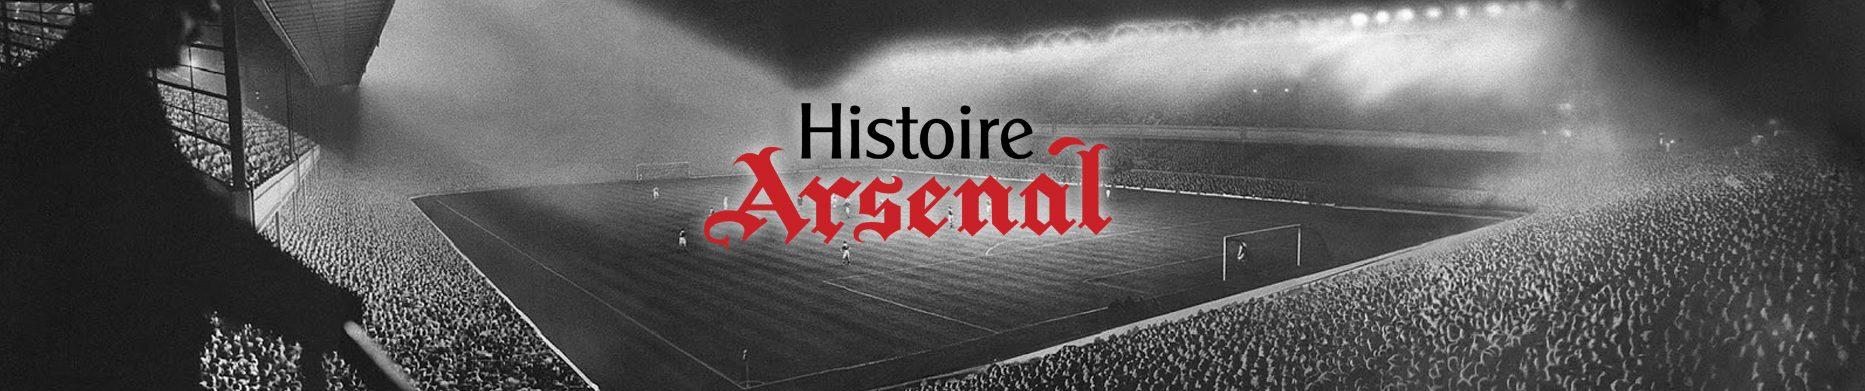 Histoire d'Arsenal Football Club